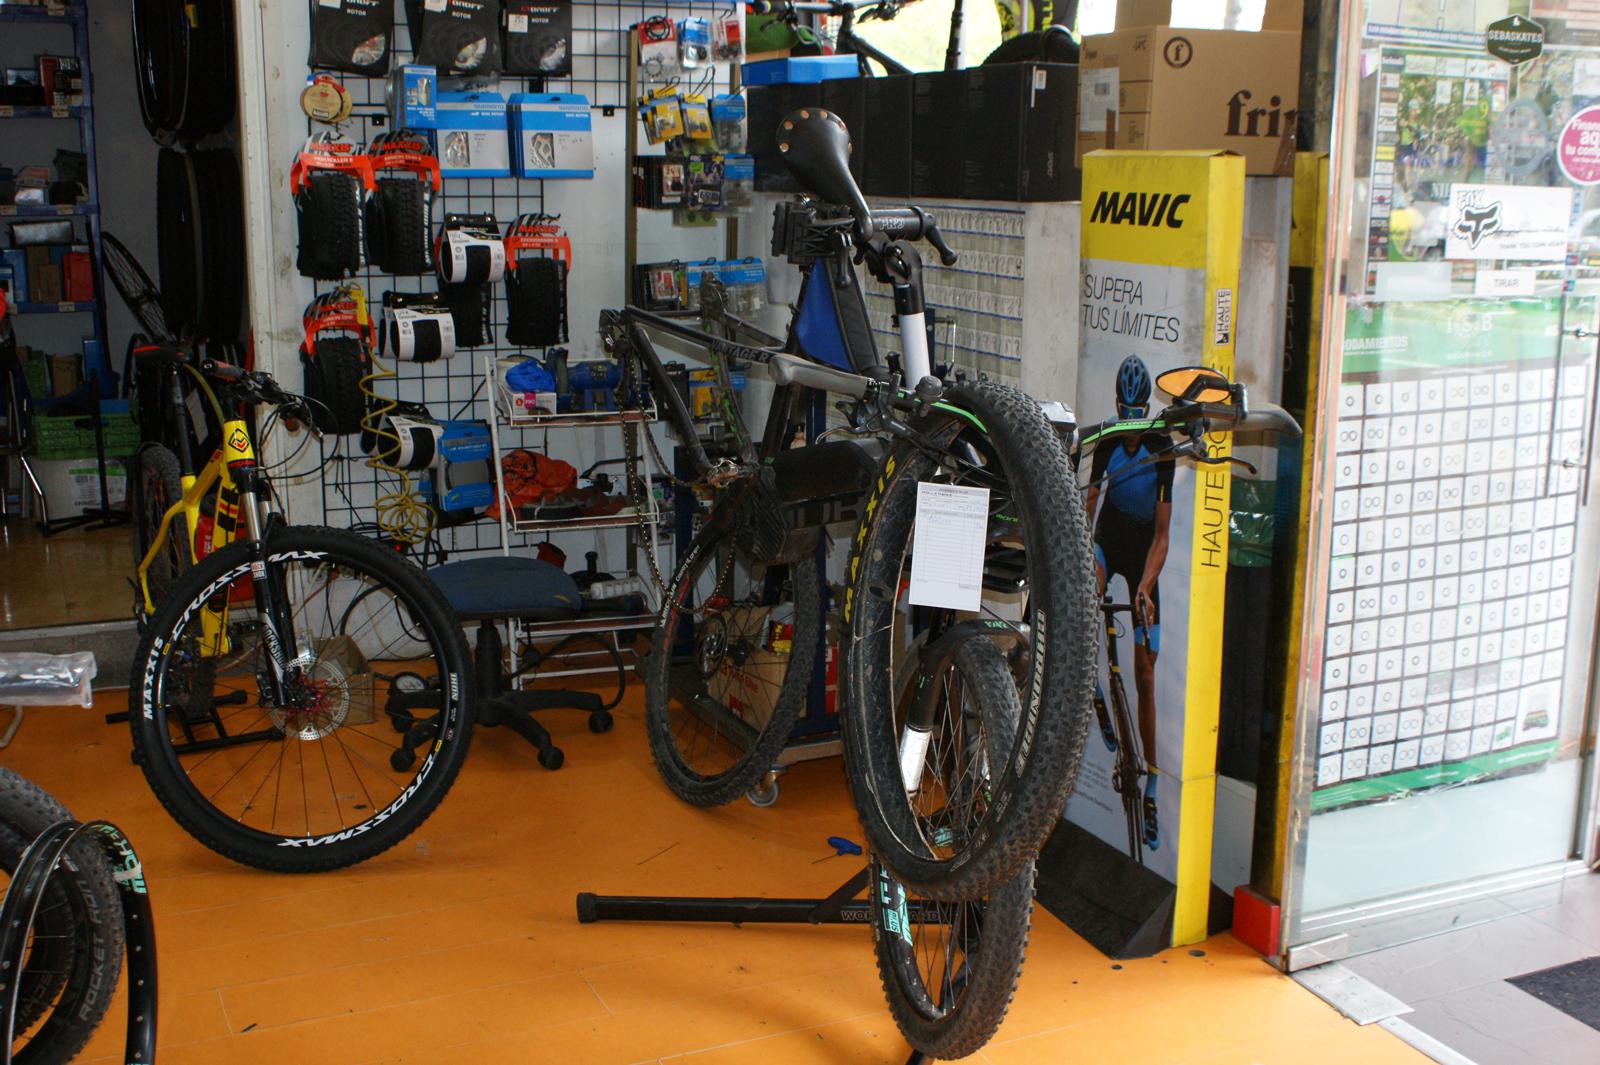 taller-de-reparacio-de-bicicletas-y-patines-en-logroño